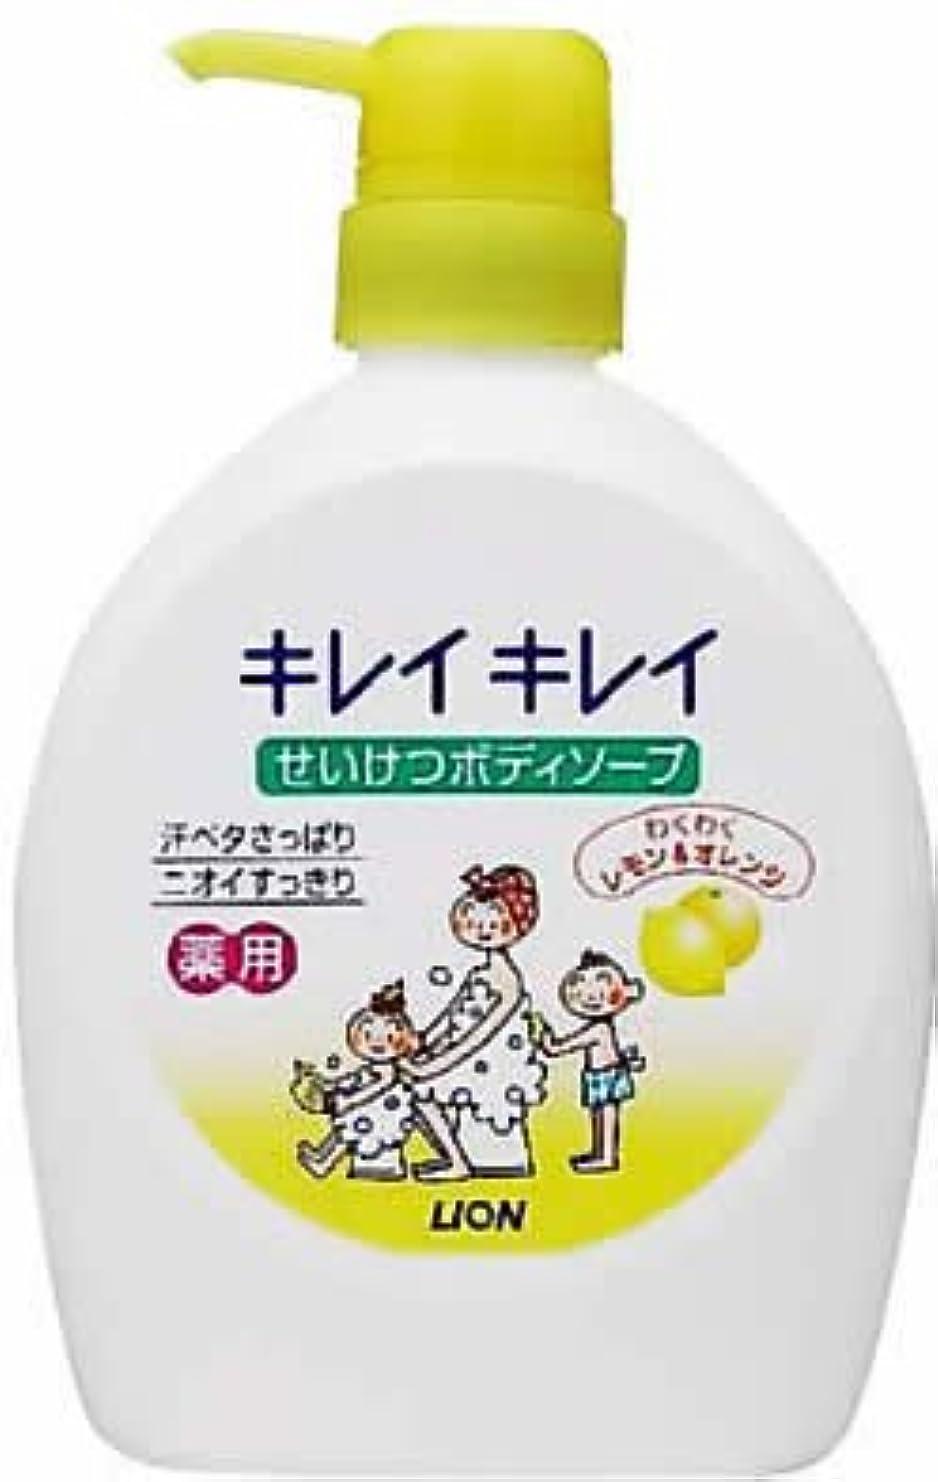 マークダウン有益活性化キレイキレイ せいけつボディソープ わくわくレモン&オレンジの香り 本体ポンプ 580ml